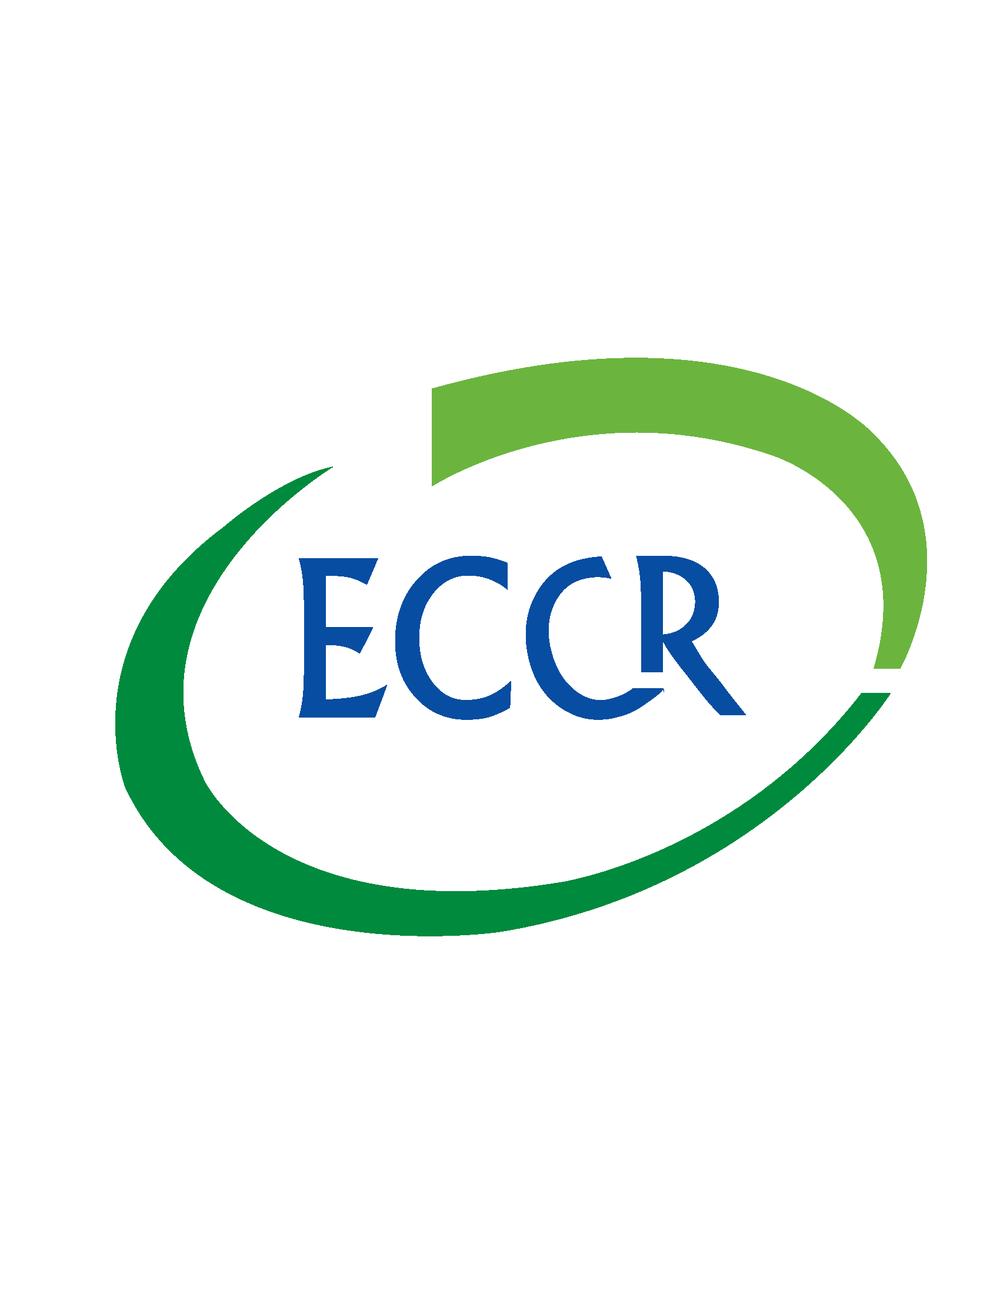 Logo ECCR.png